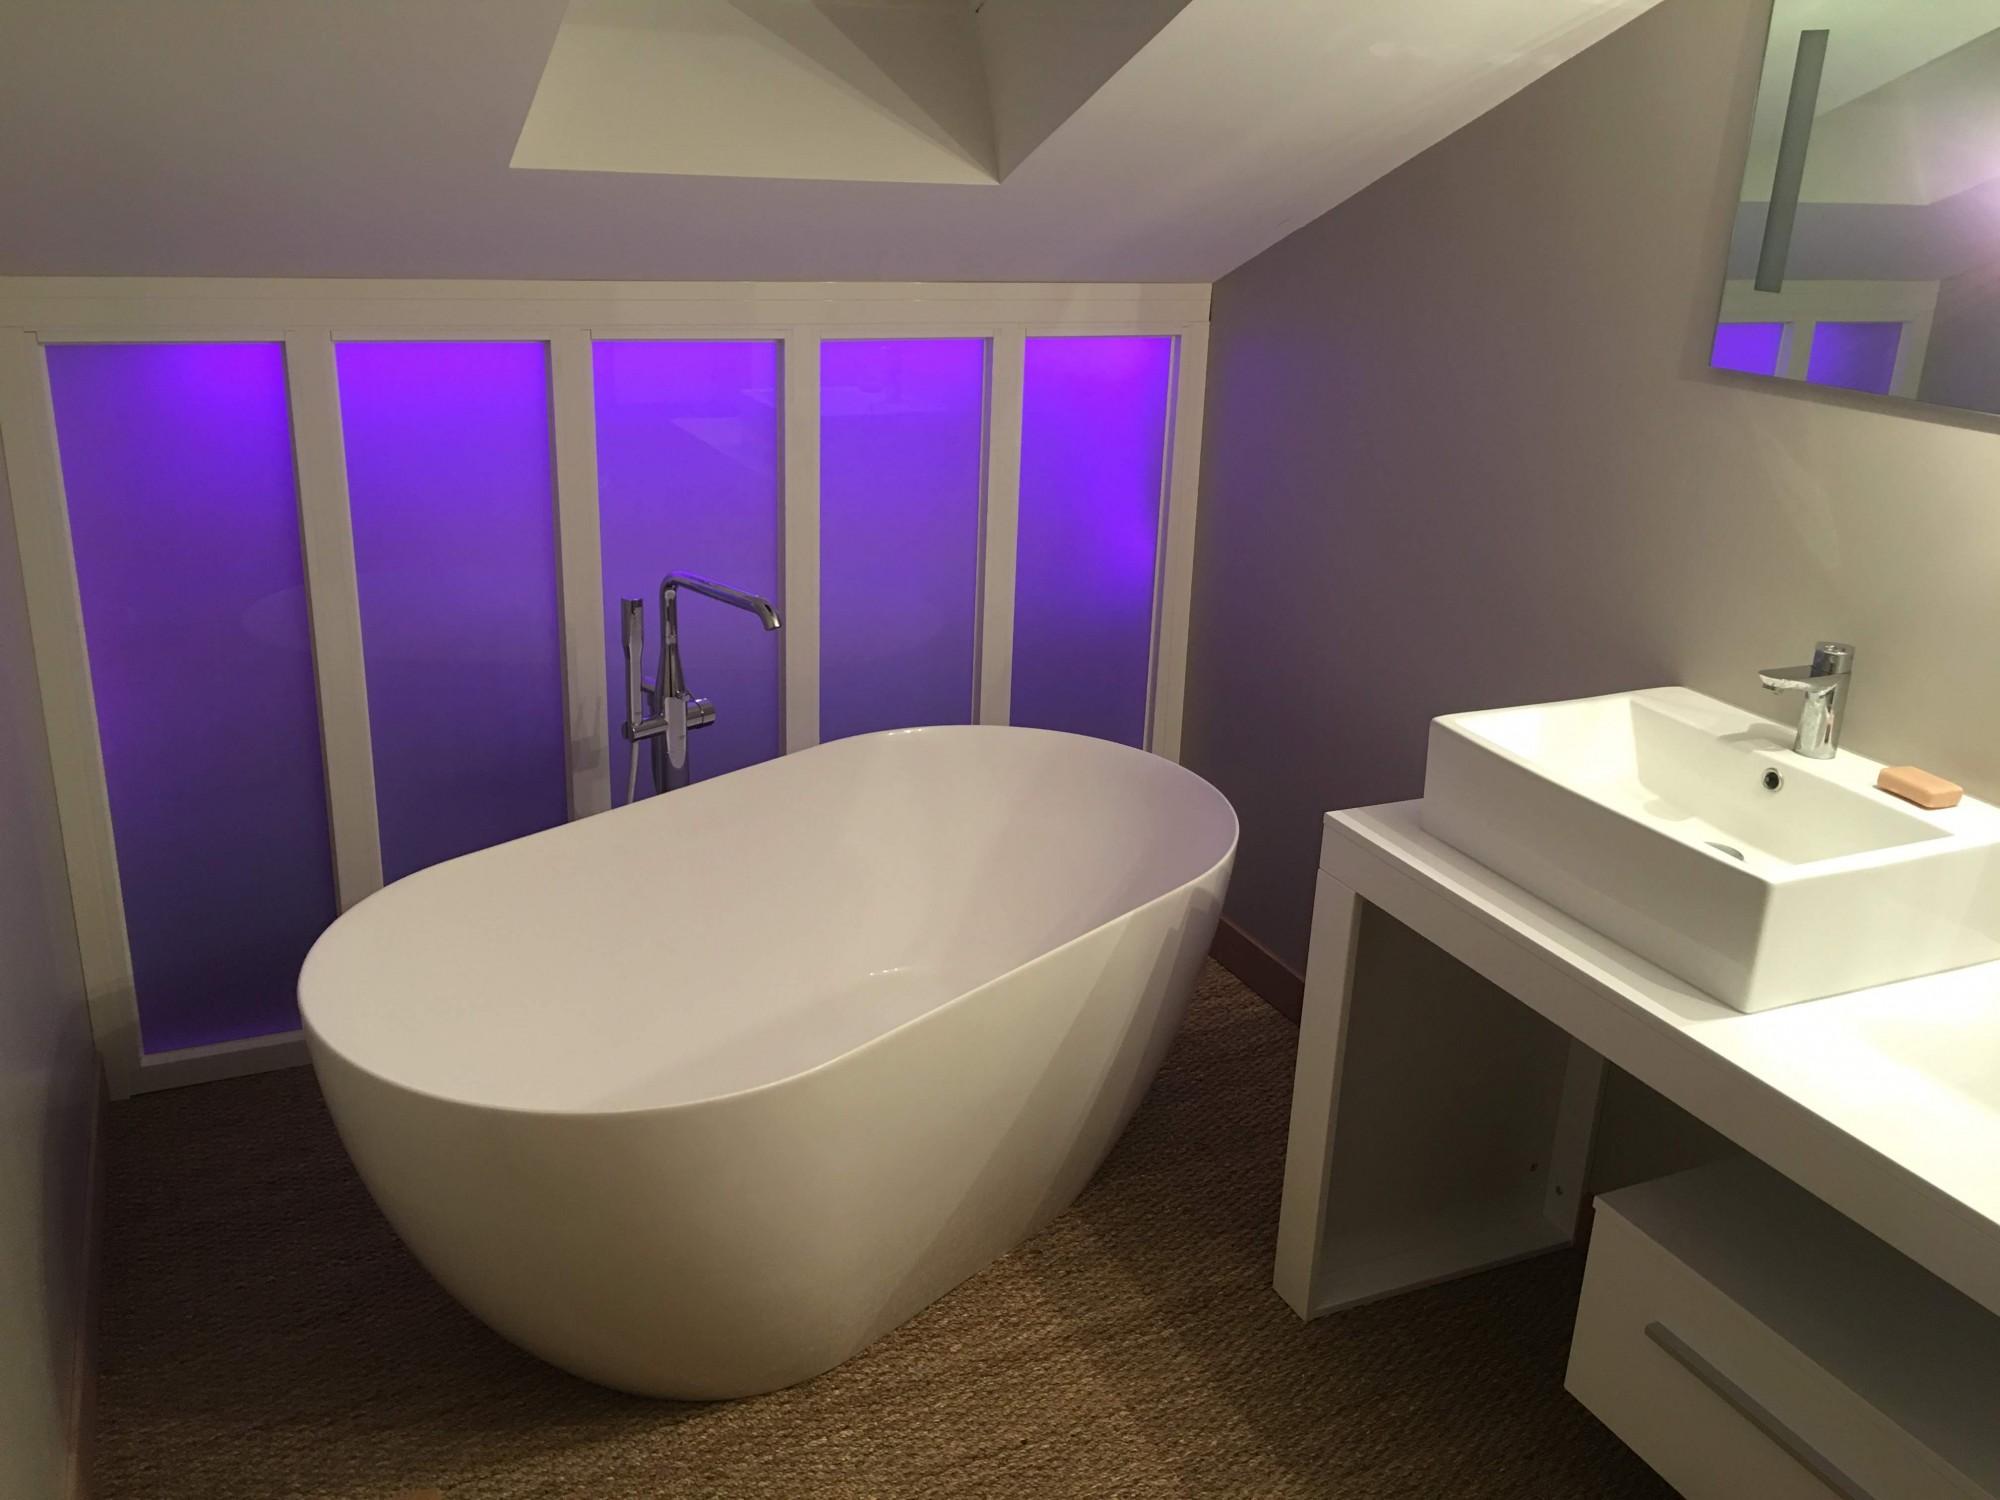 Cloison Amovible Pour Salle De Bain la cloison amovible se glisse dans votre salle de bain - cloisor